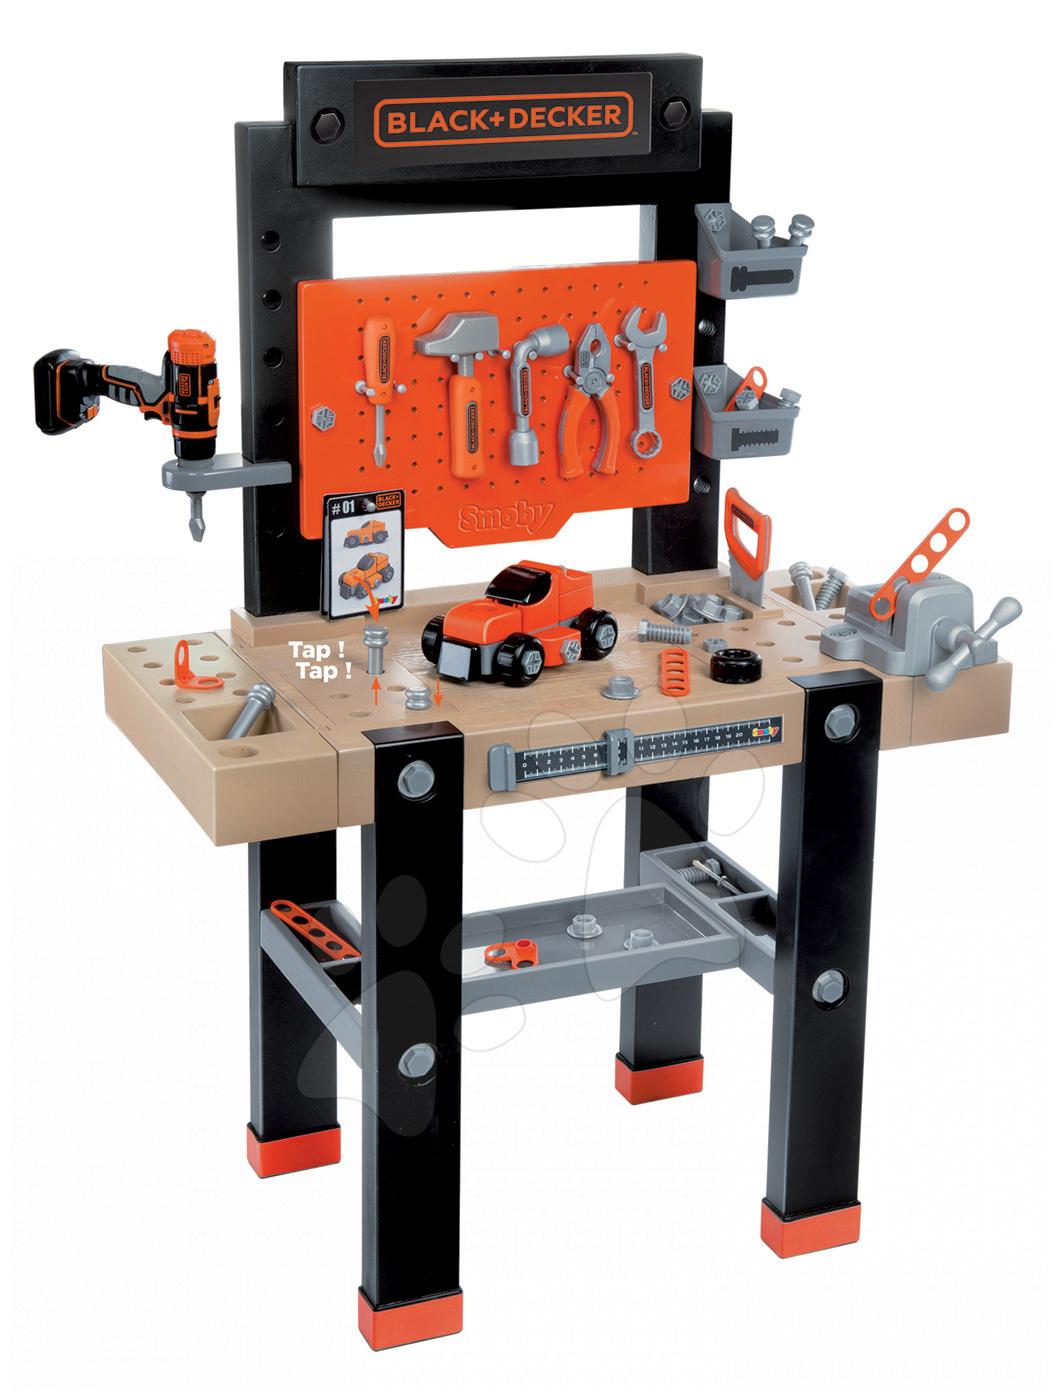 Bancă de lucru Black+Decker Smoby cu maşină mecanică de găurit, maşinuţă asamblabilă şi 92 de accesorii